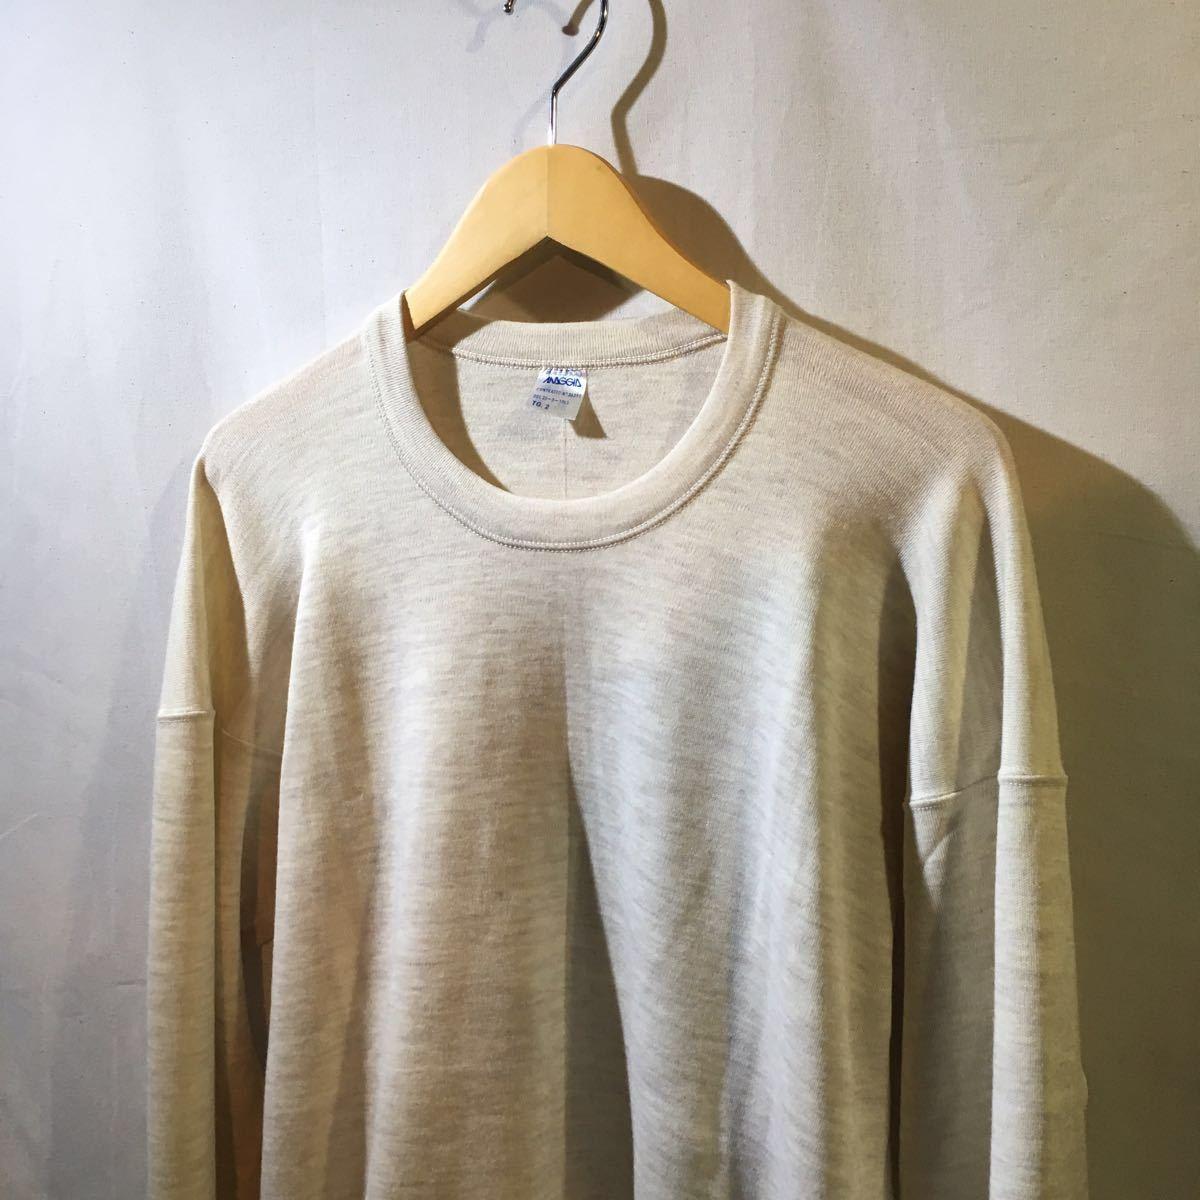 イタリア軍 1980's Dead Stock [Knit Sweater] セーター ニット ミリタリー ビンテージ フランス軍 イギリス軍 実物 ユーロ ヨーロッパ_画像5